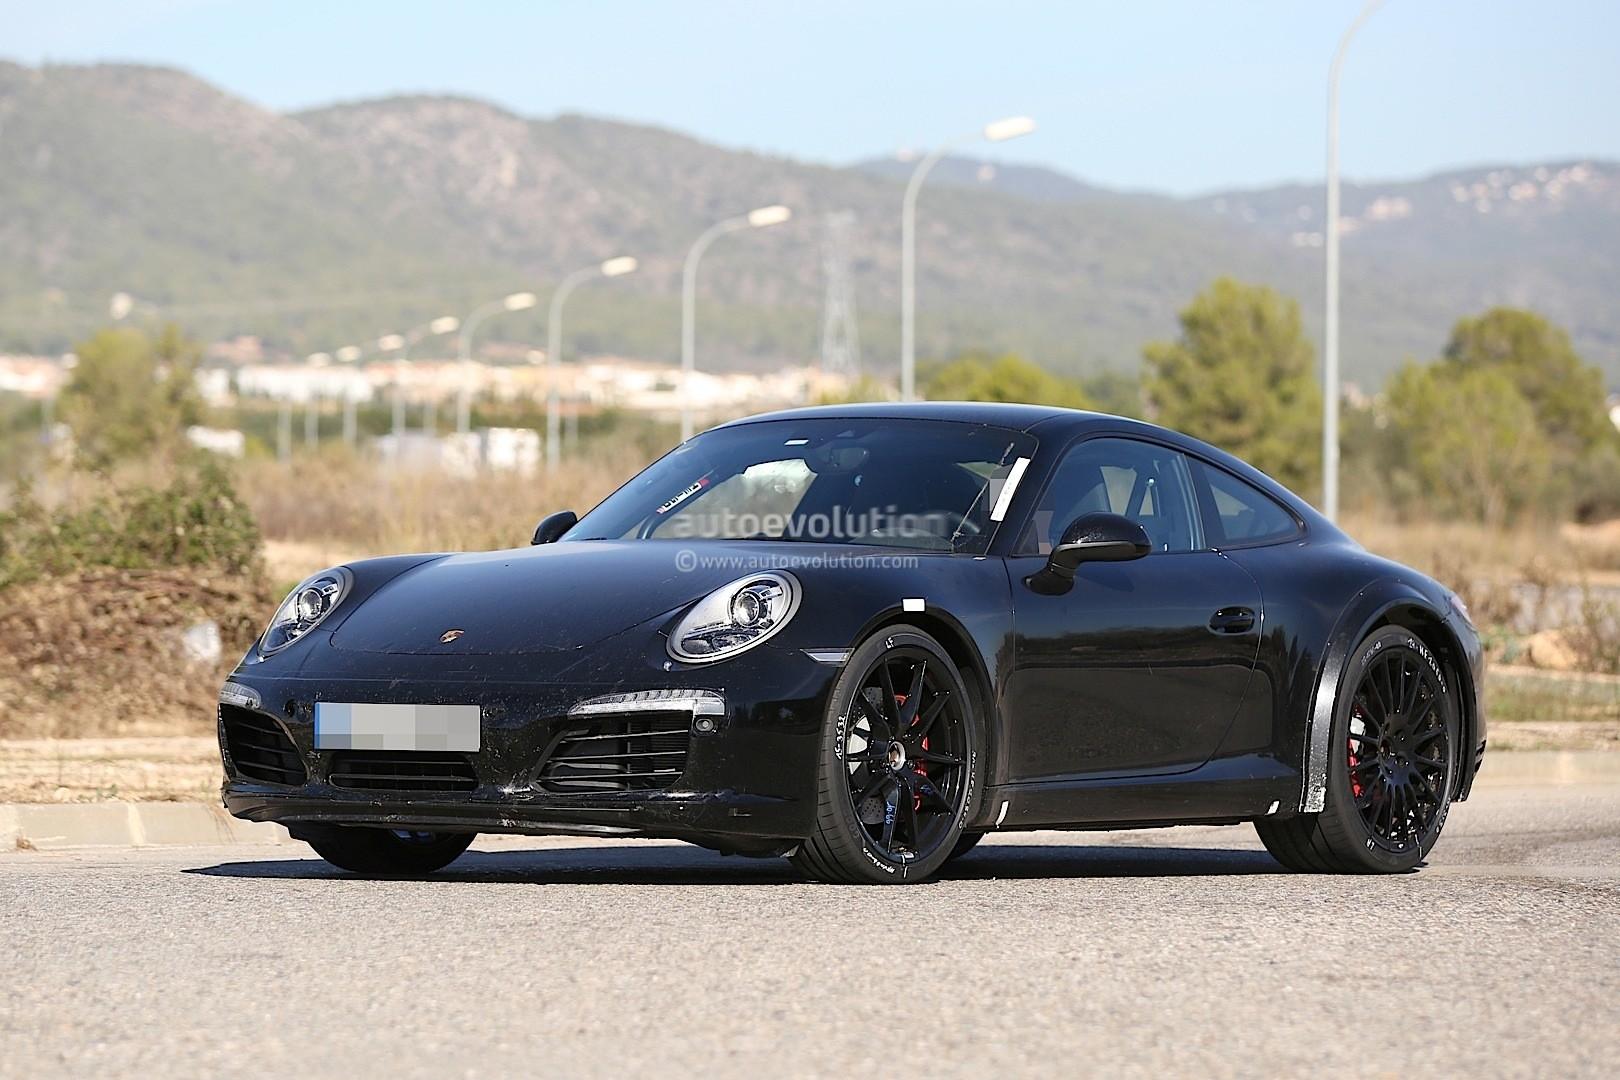 Next Generation 2019 Porsche 911 Spied With Wider Tracks